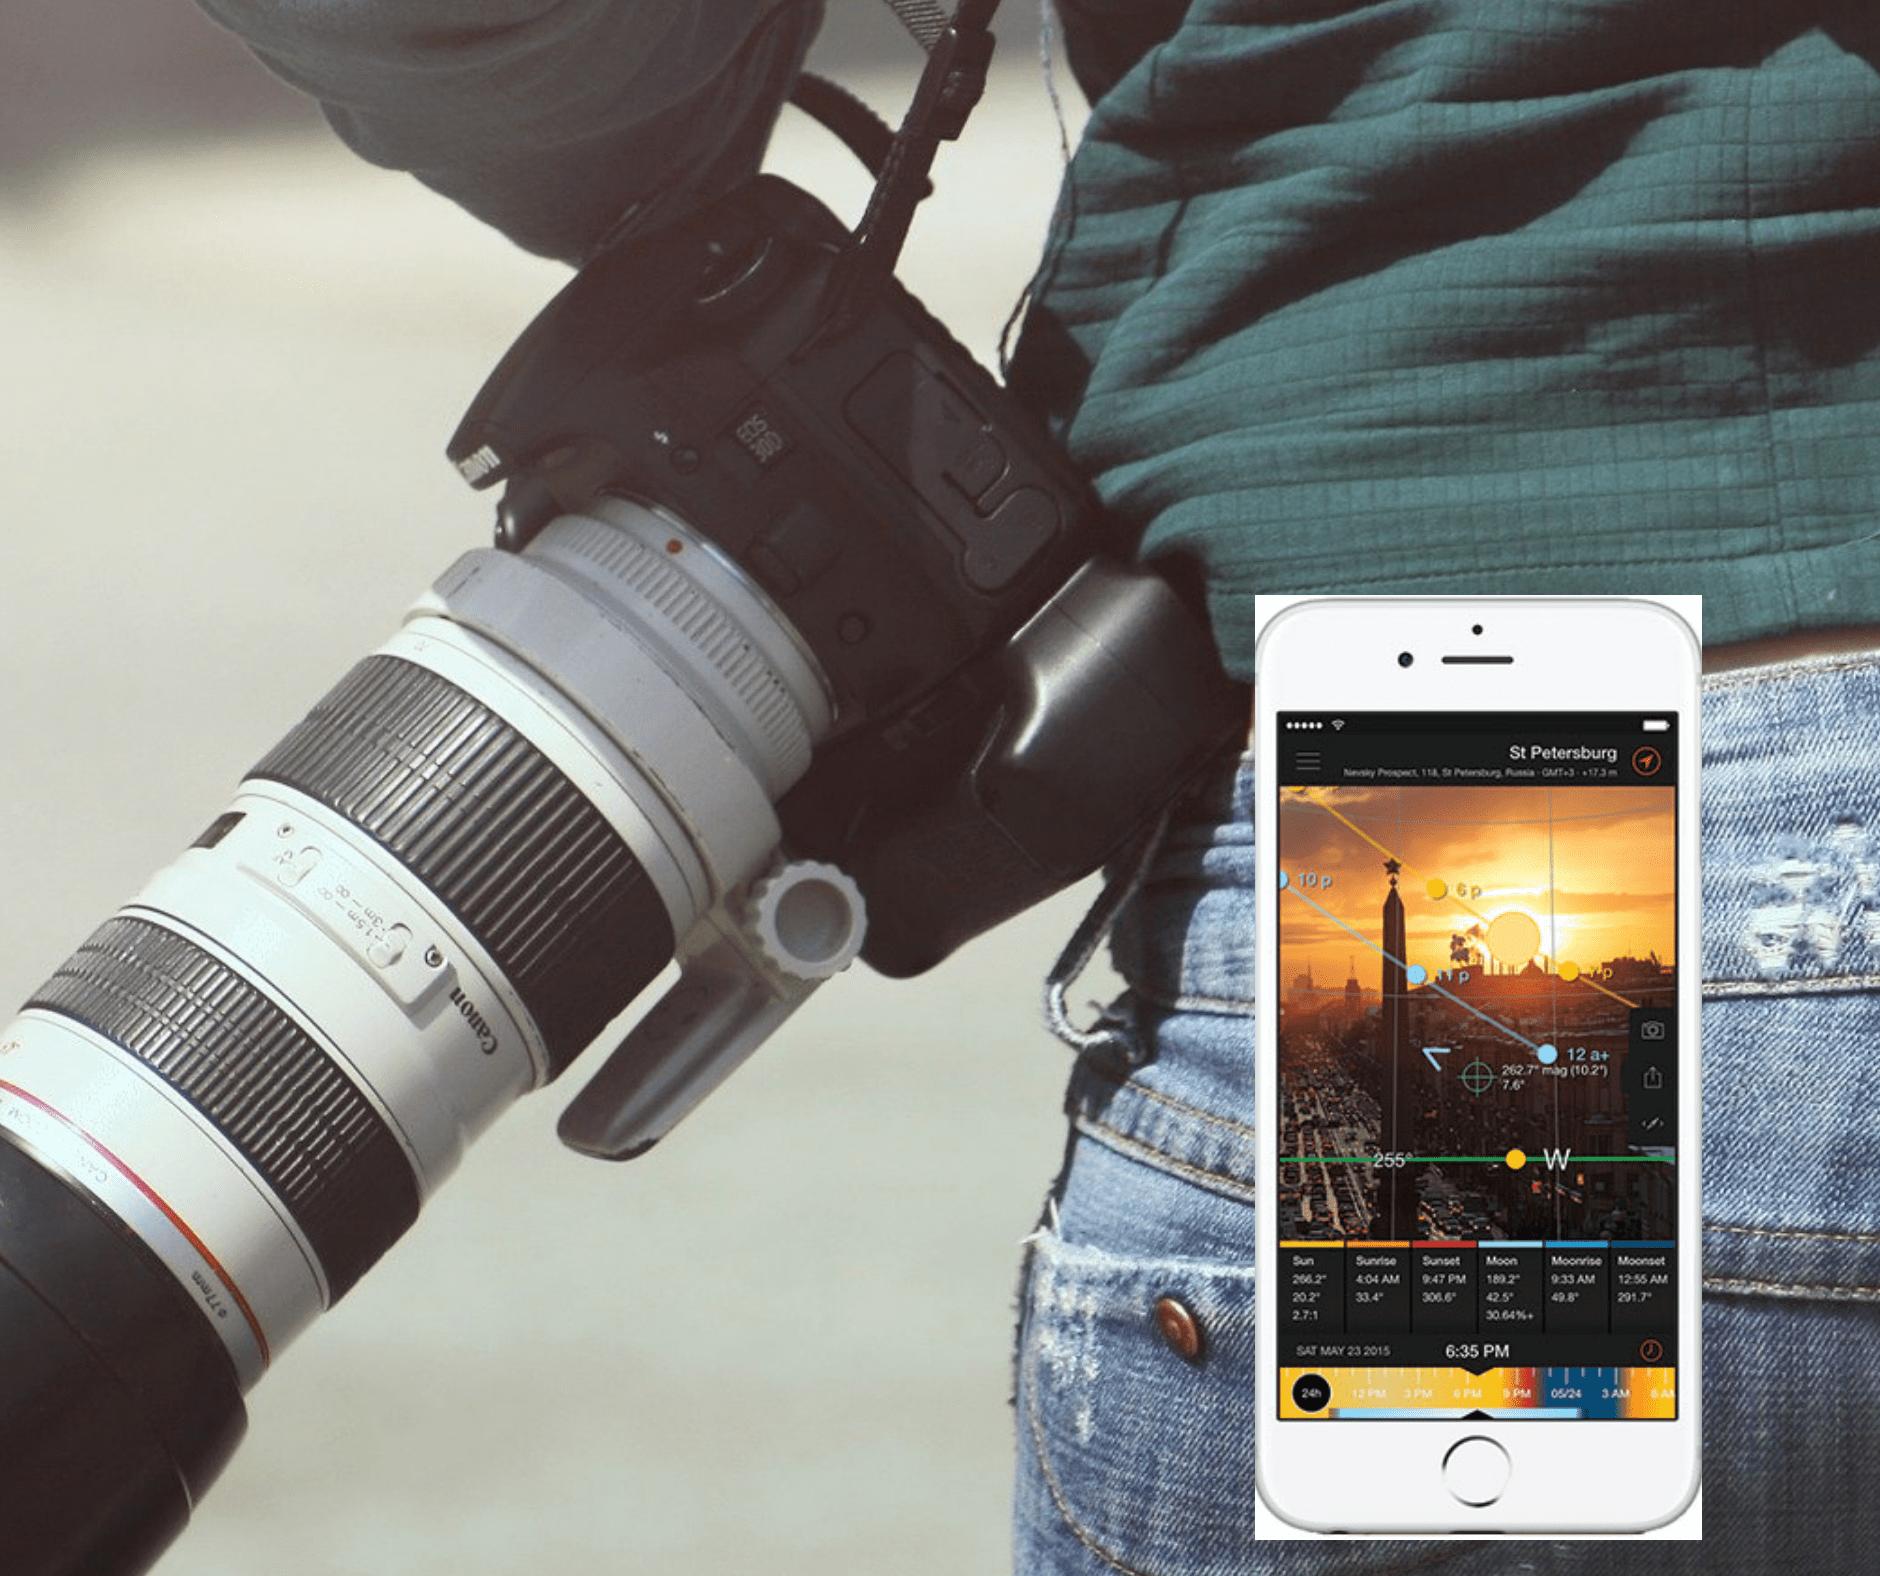 Teil eines Fotografen von hinten mit seitlich umgehängter Kamera und Smartphone im Vordergrund